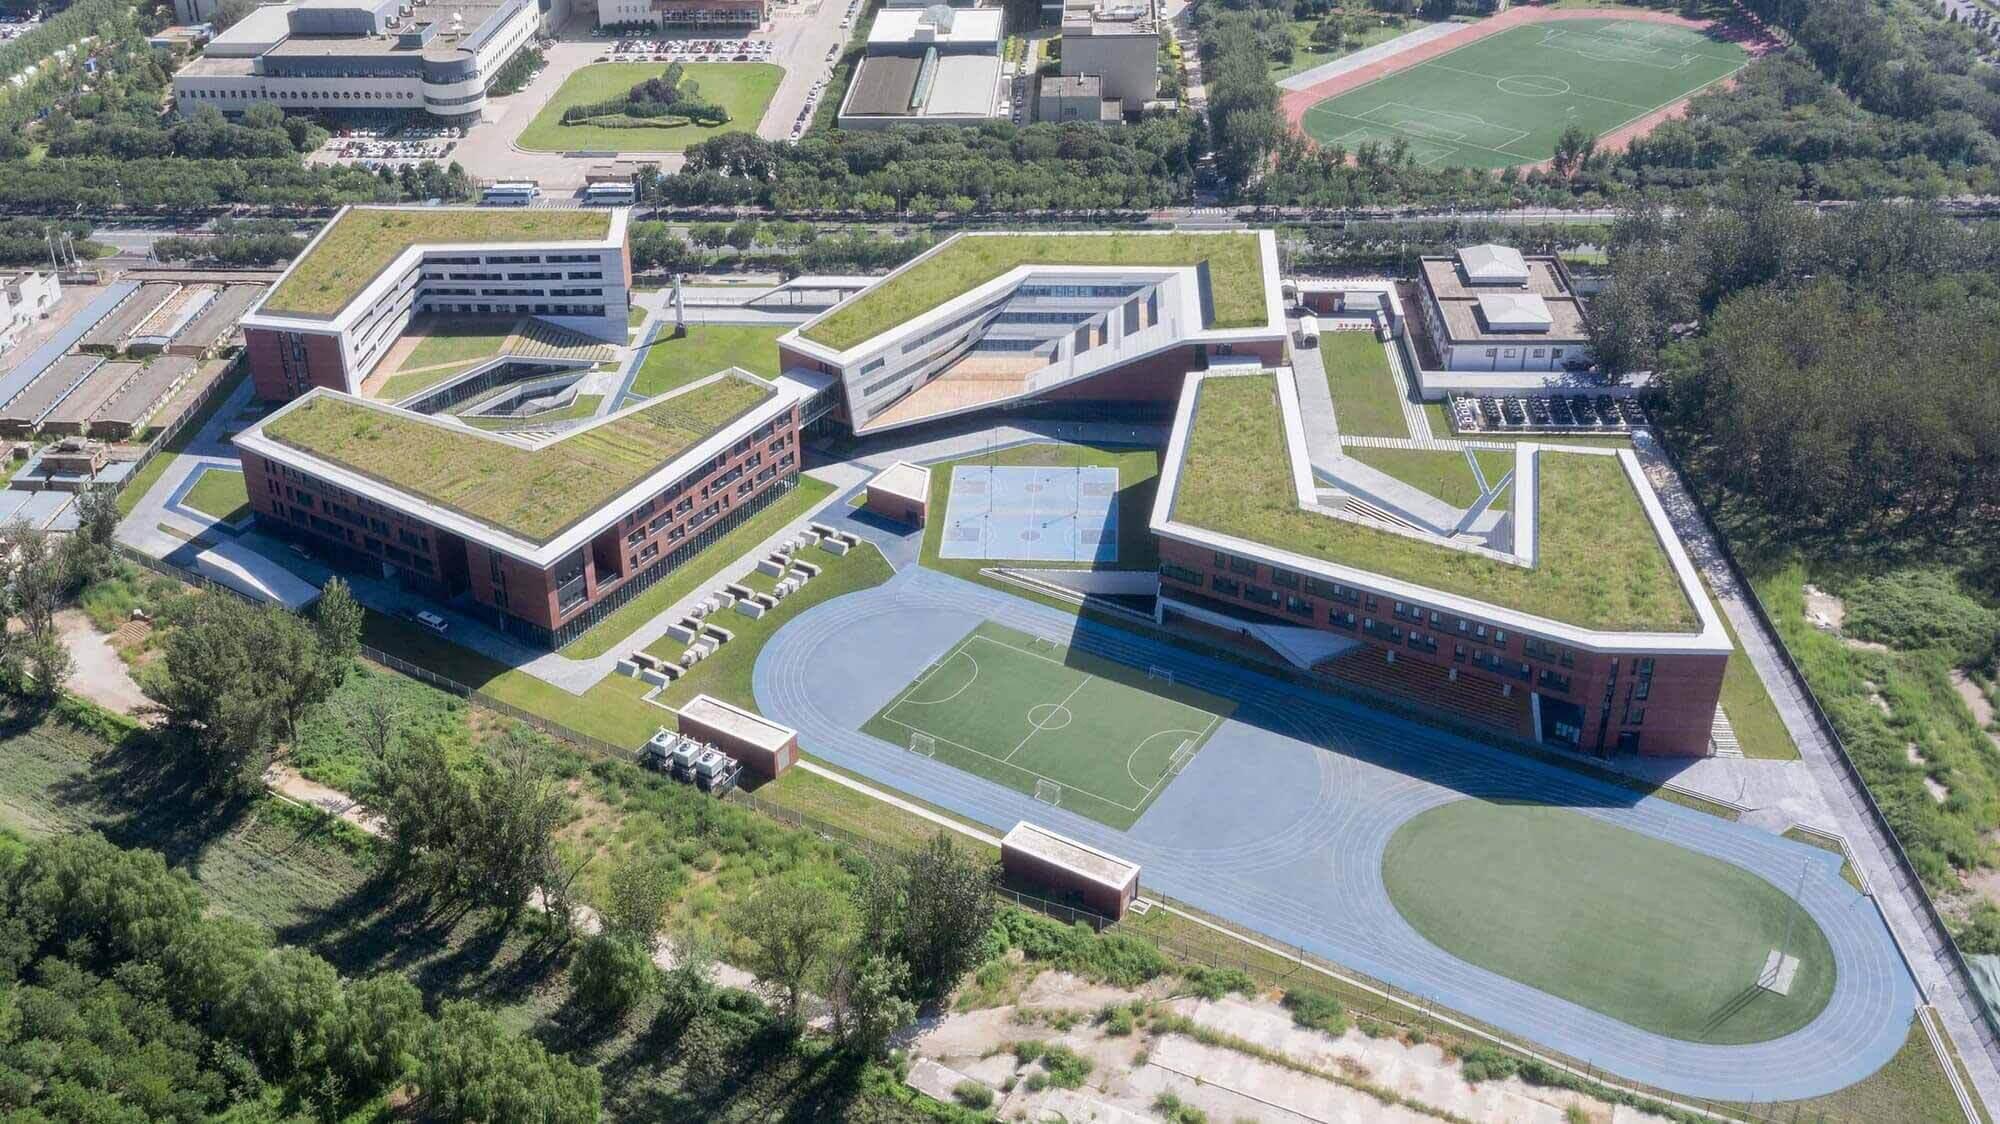 Школа аэрокосмического города RDFZ / BIAD